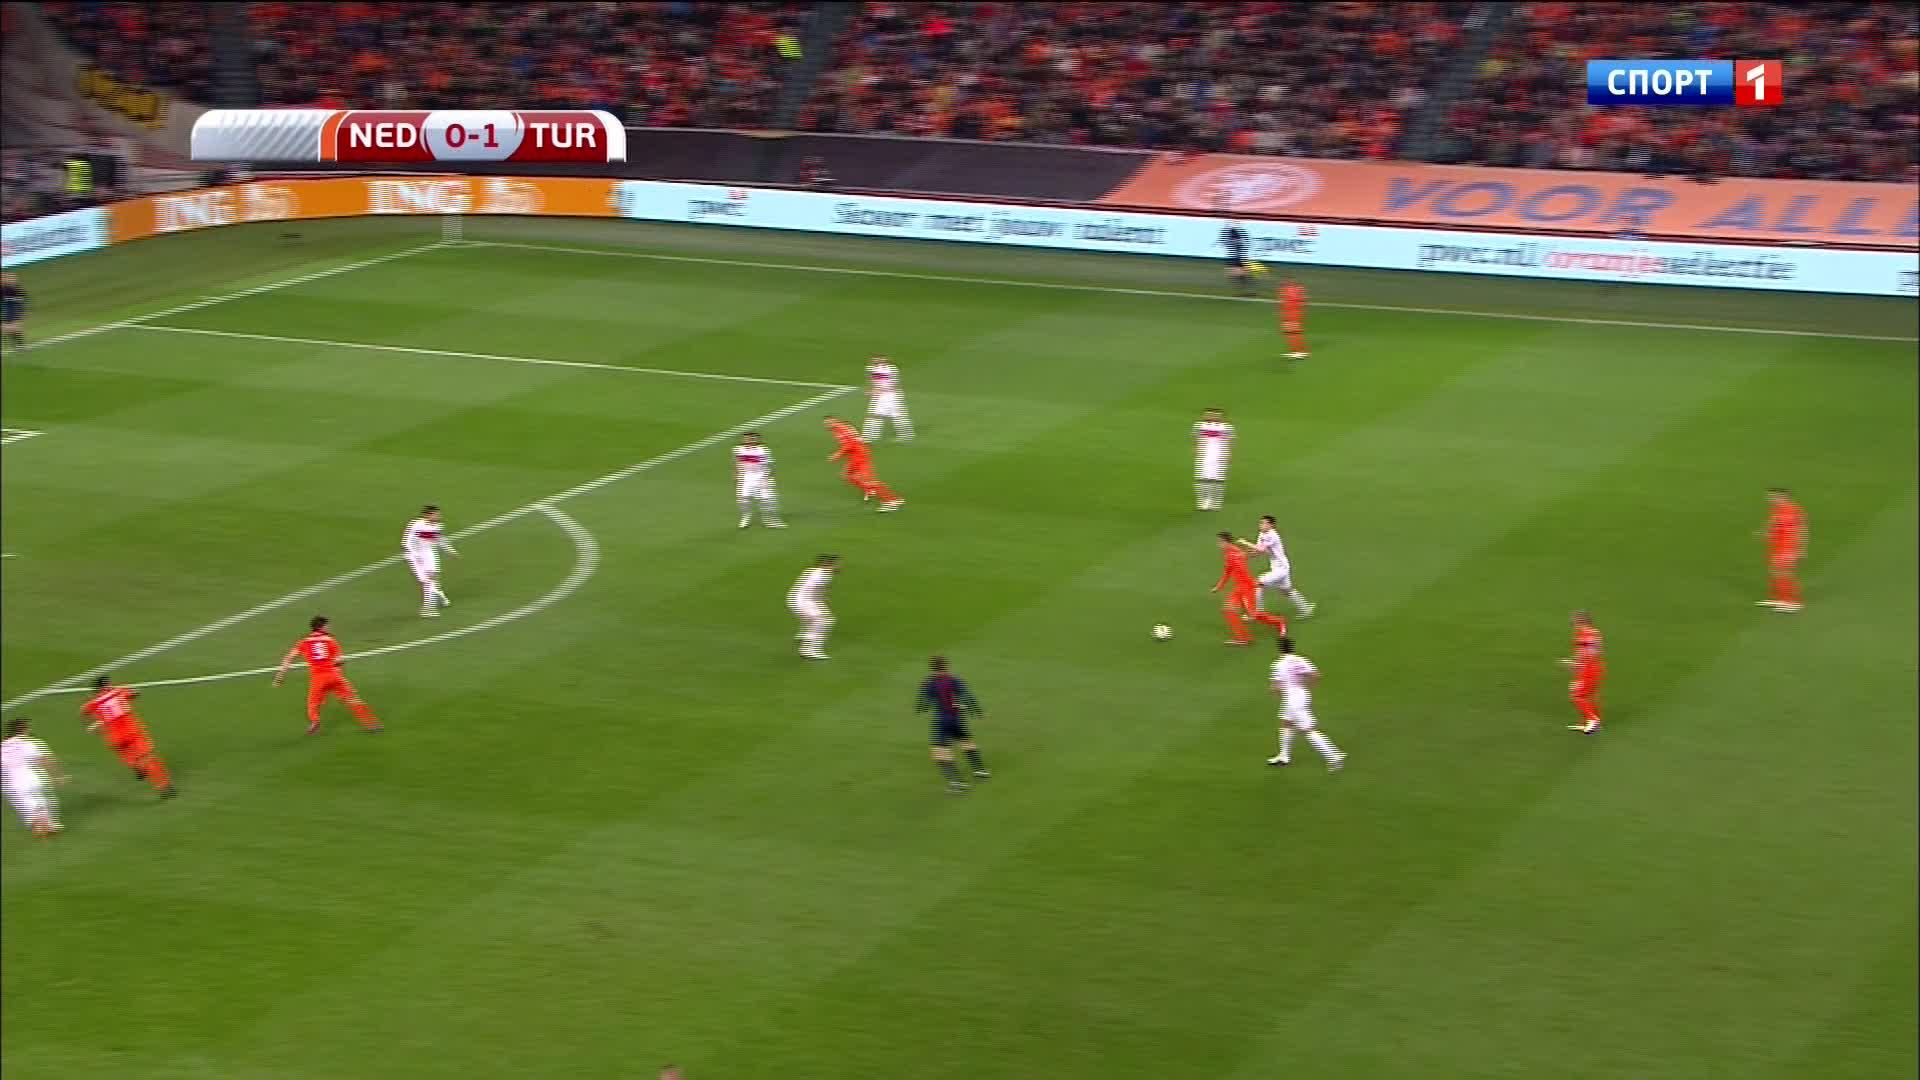 http://rgfootball.tv/media/up/142762199173.jpg